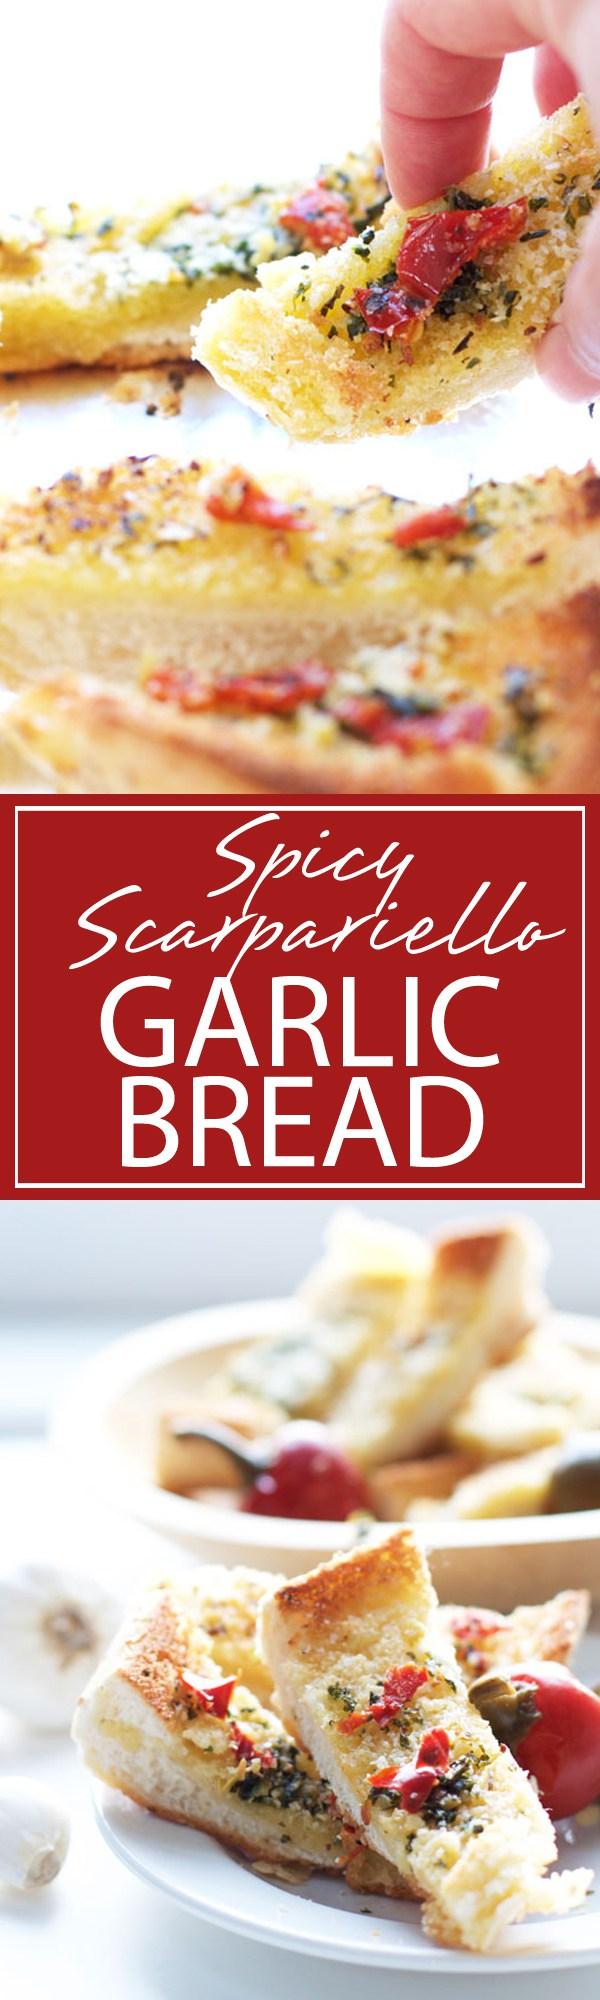 Spicy Scarpariello Garlic Bread | Cooking joy, Food, Food ...